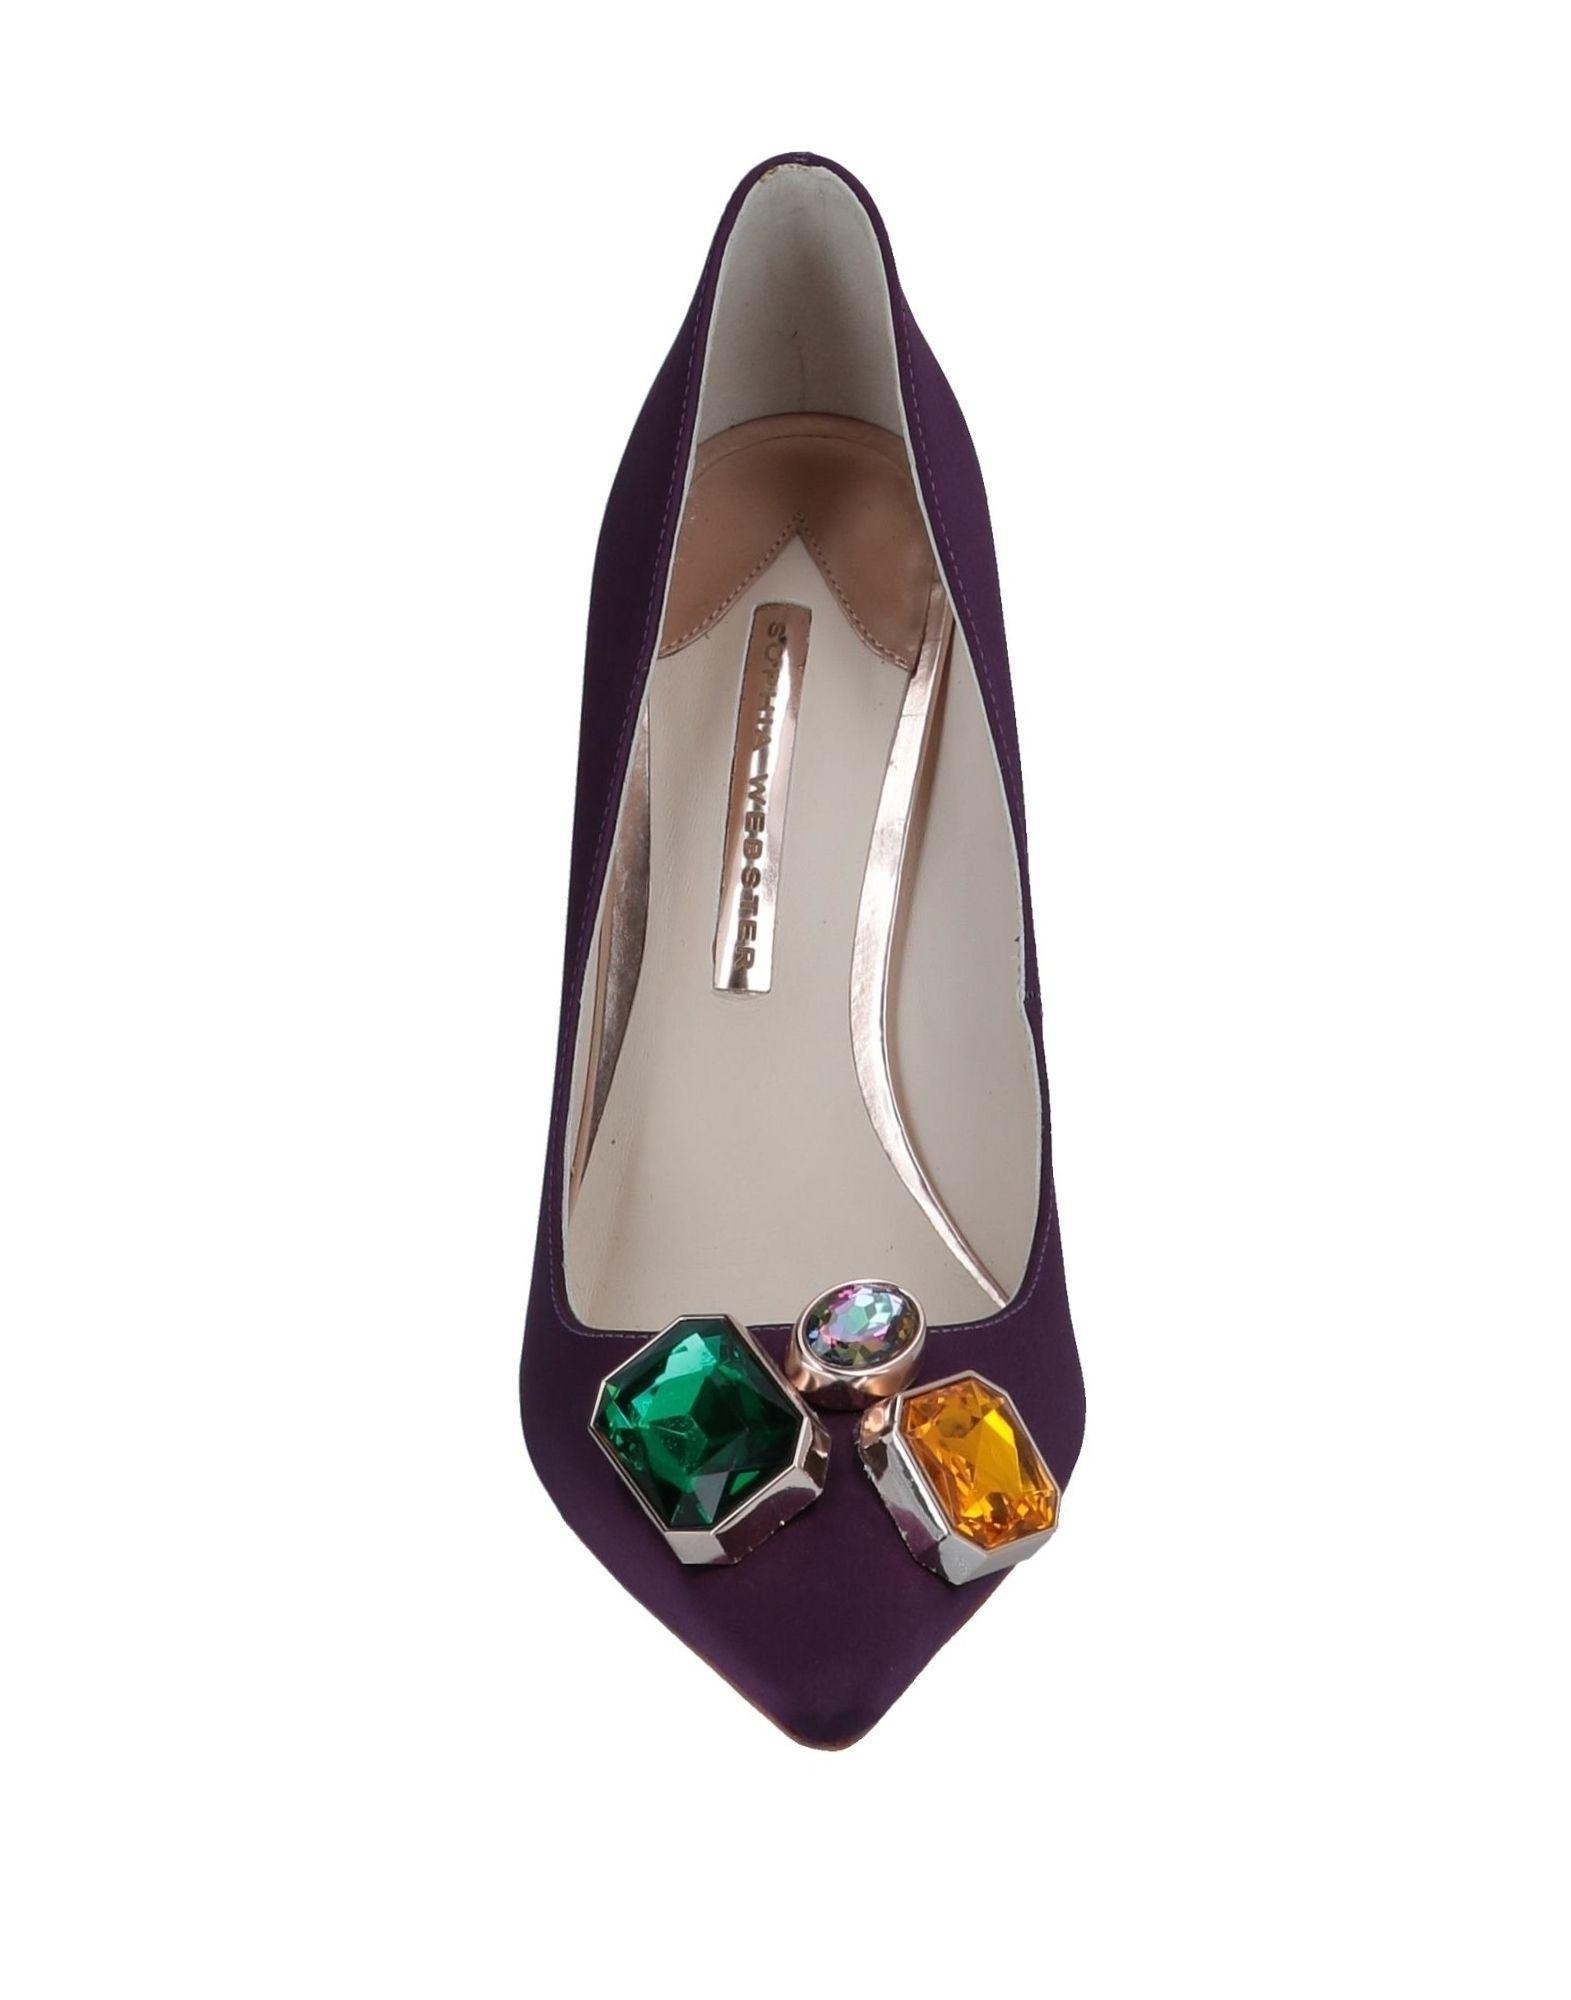 Stilvolle Pumps billige Schuhe Sophia Webster Pumps Stilvolle Damen  11247473UX 0c61e3